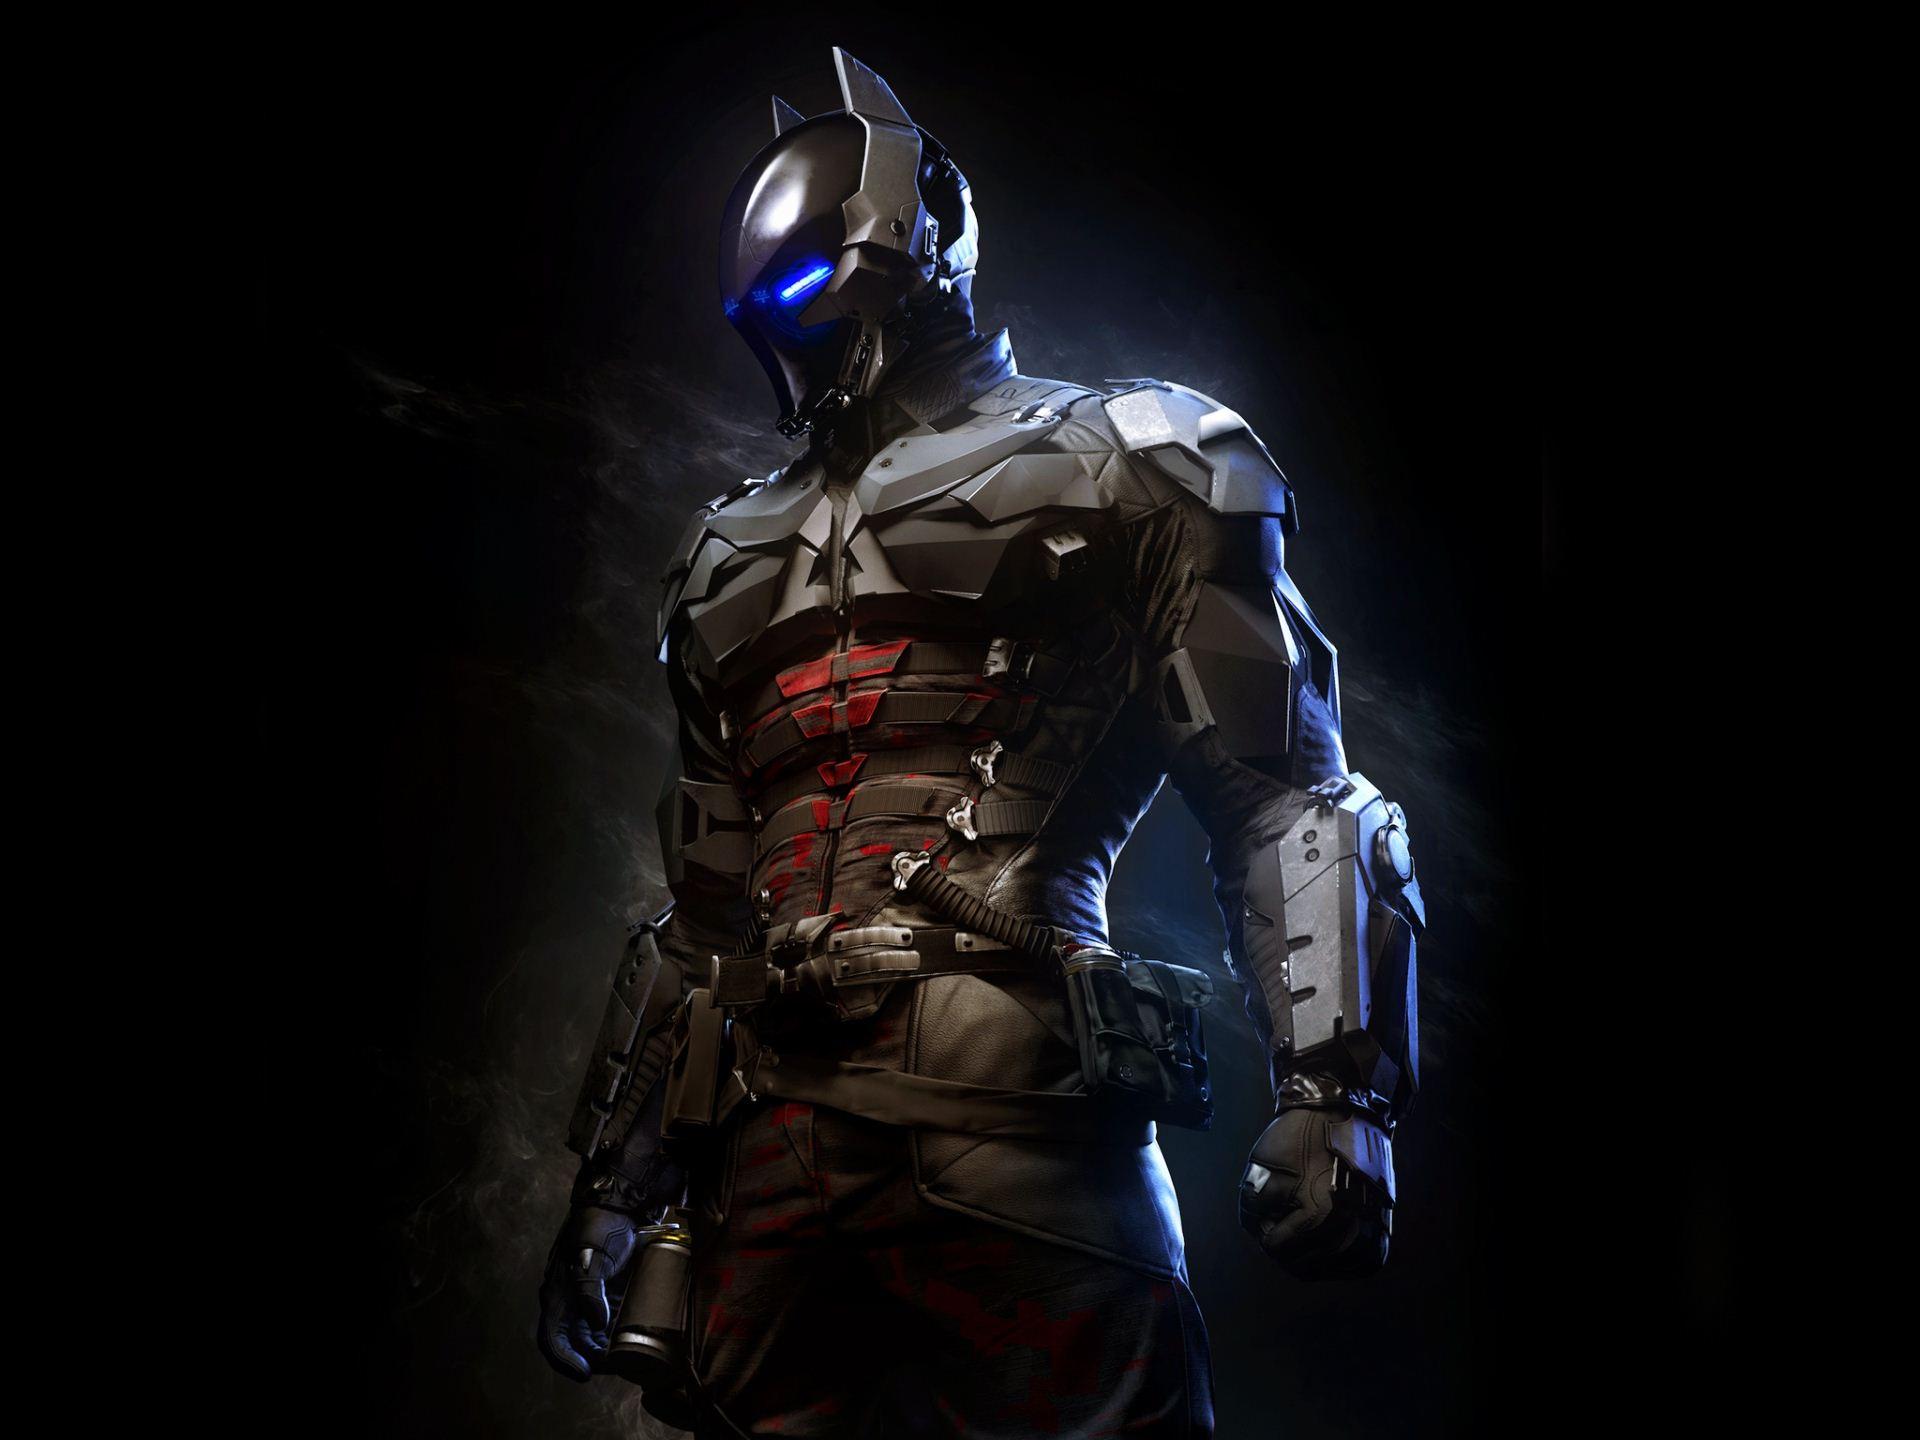 Batman Arkham Knight Video Games 39 Cool Hd Wallpaper 1920x1440